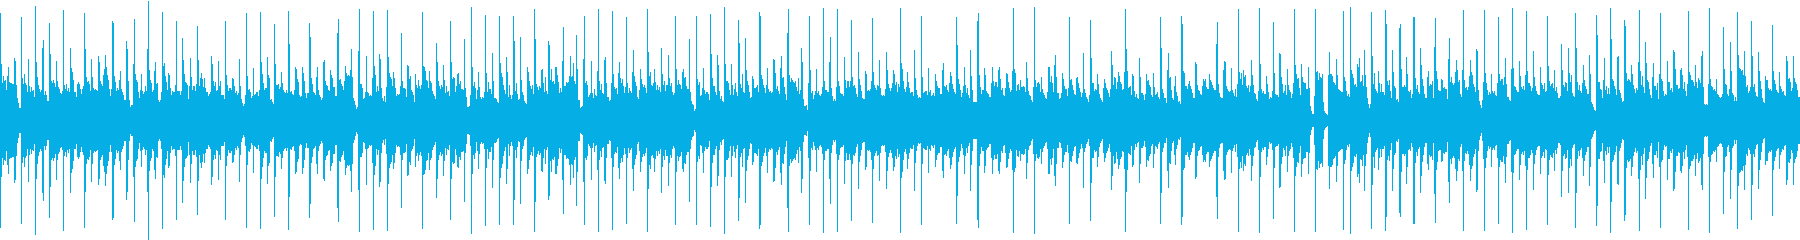 アコギ生演奏 ほのぼの日常な心温まるの再生済みの波形